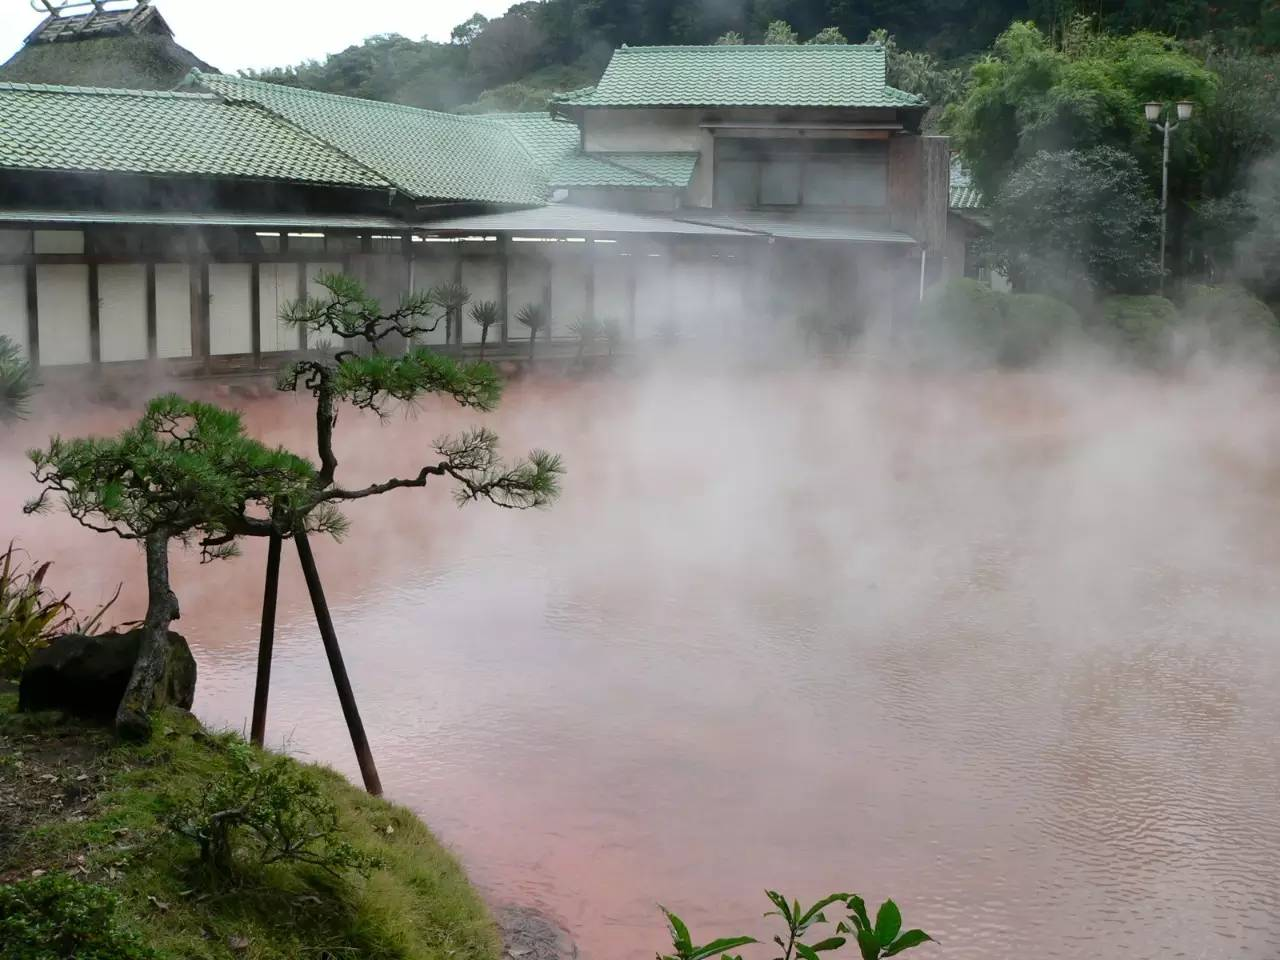 天凉了,又是去日本泡汤的好时节